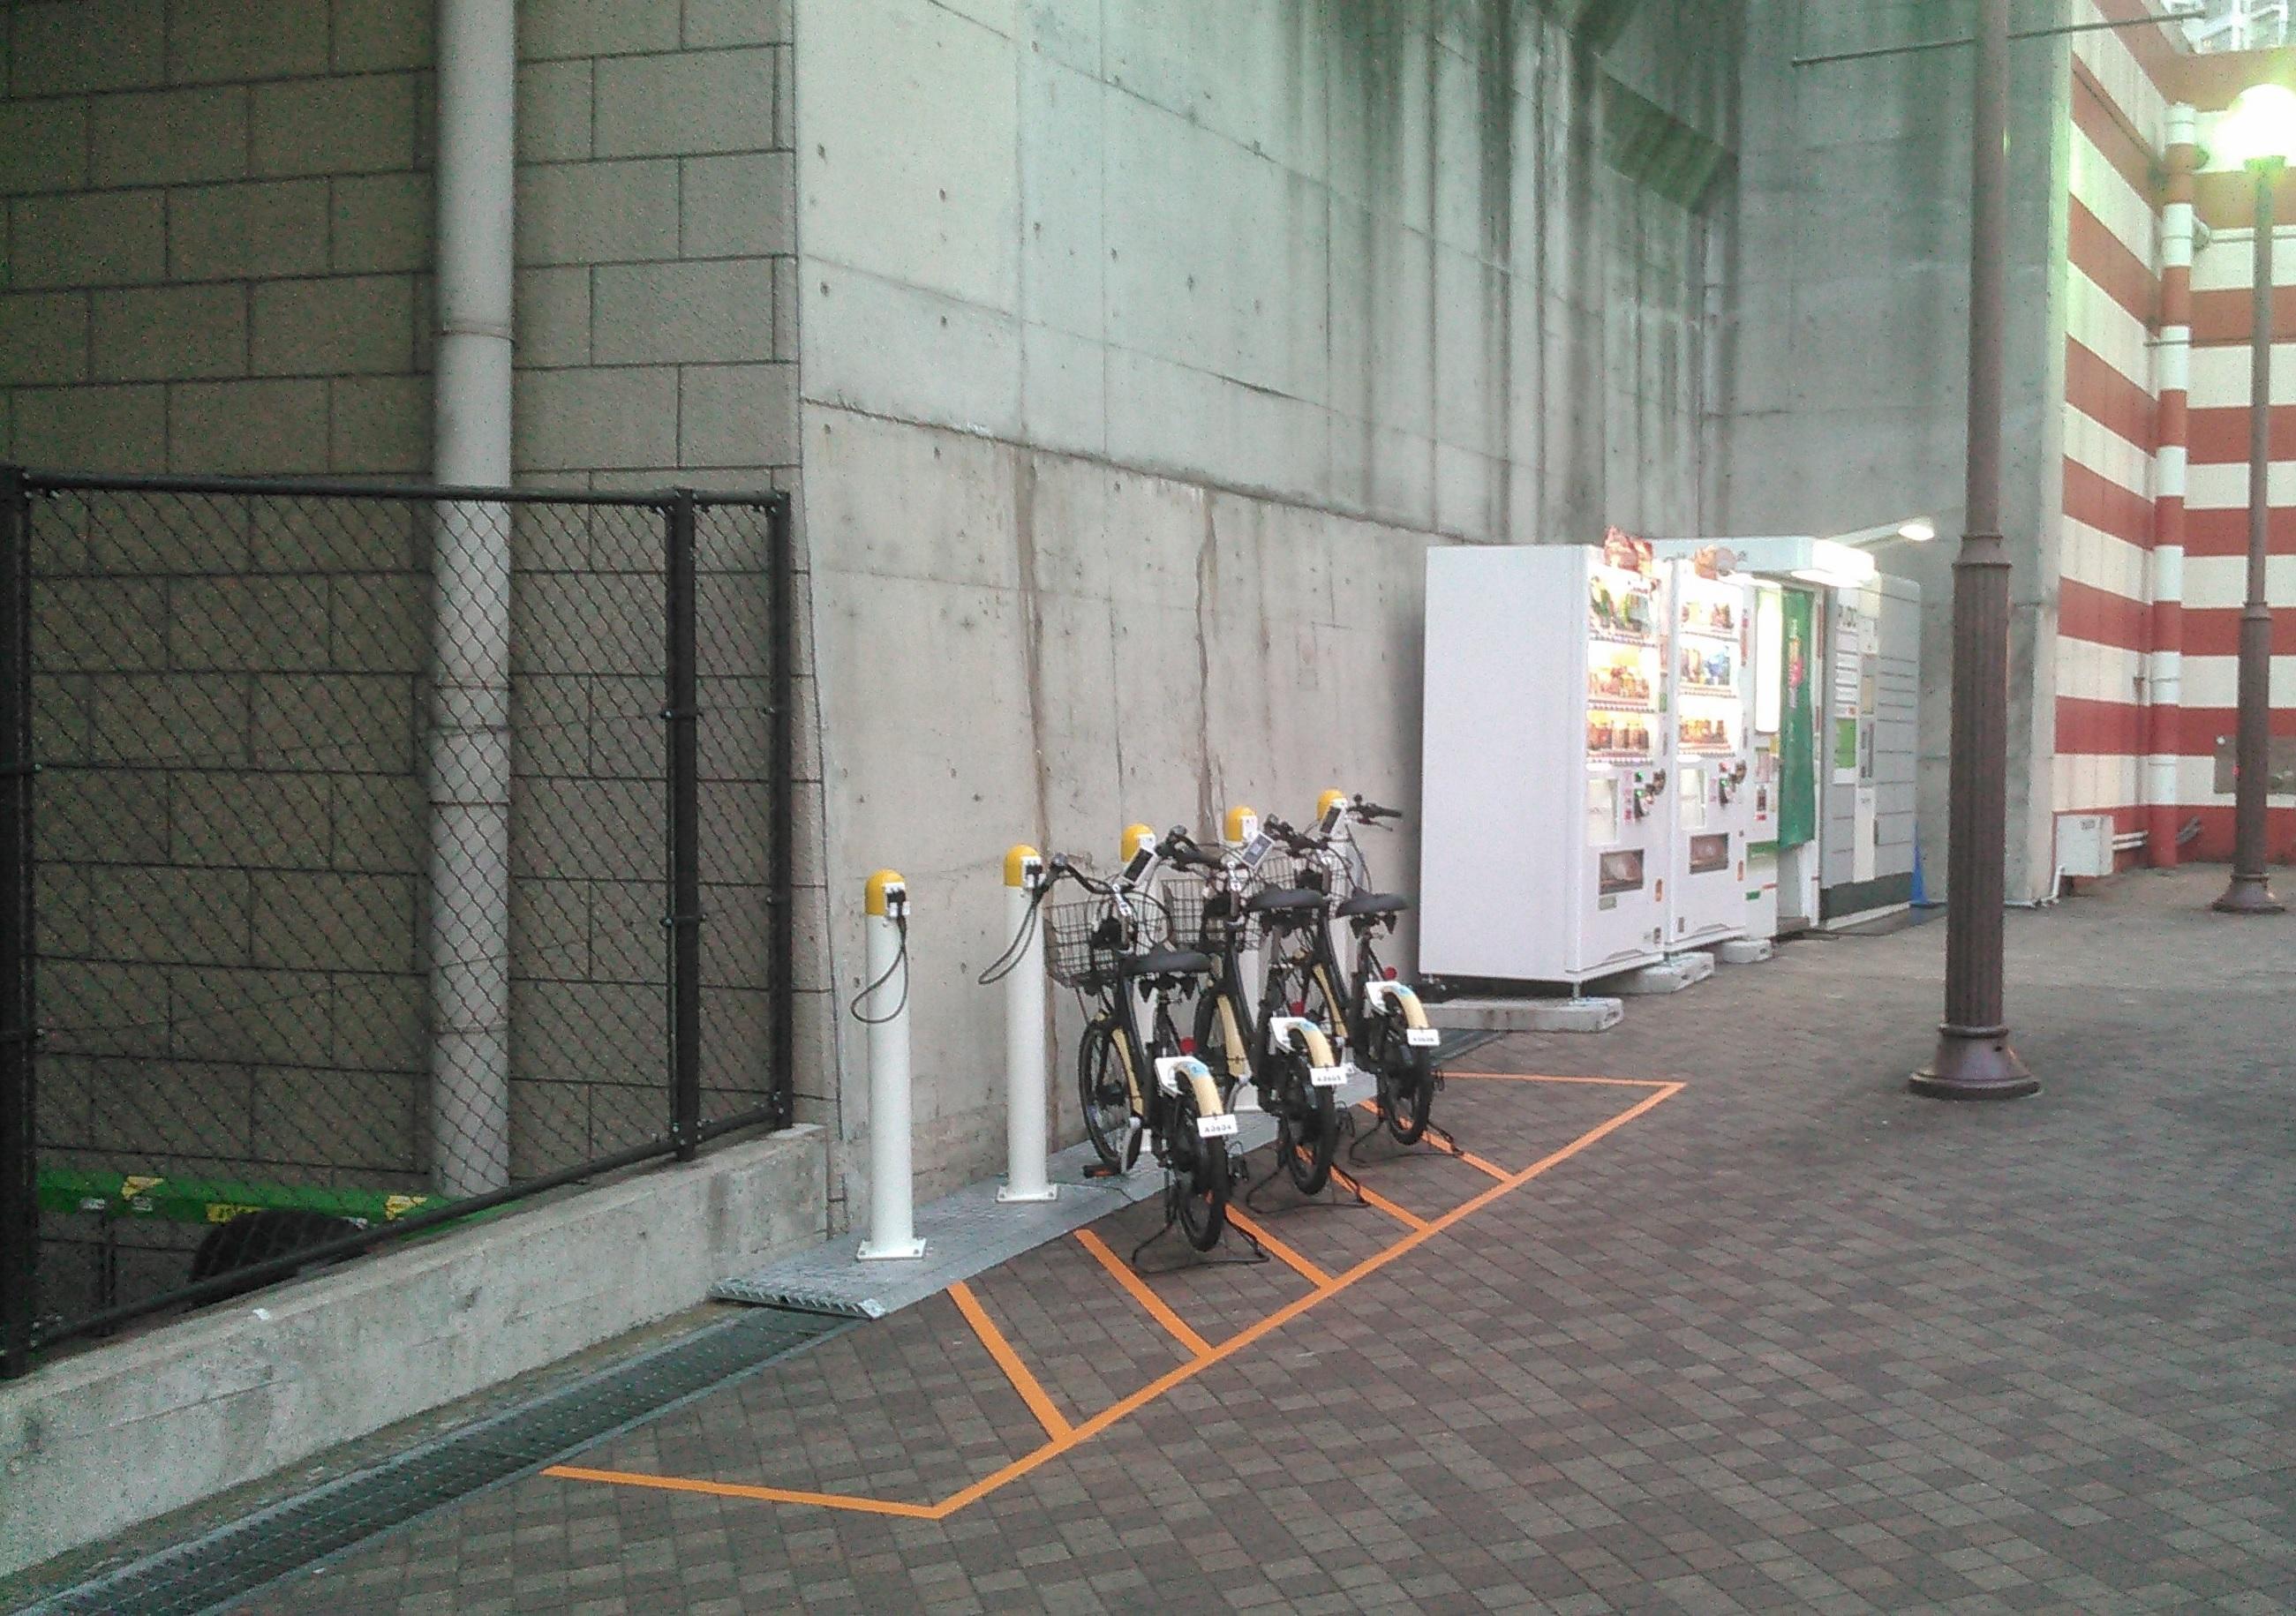 【ベルシェア】横須賀モアーズシティ (HELLO CYCLING ポート) image